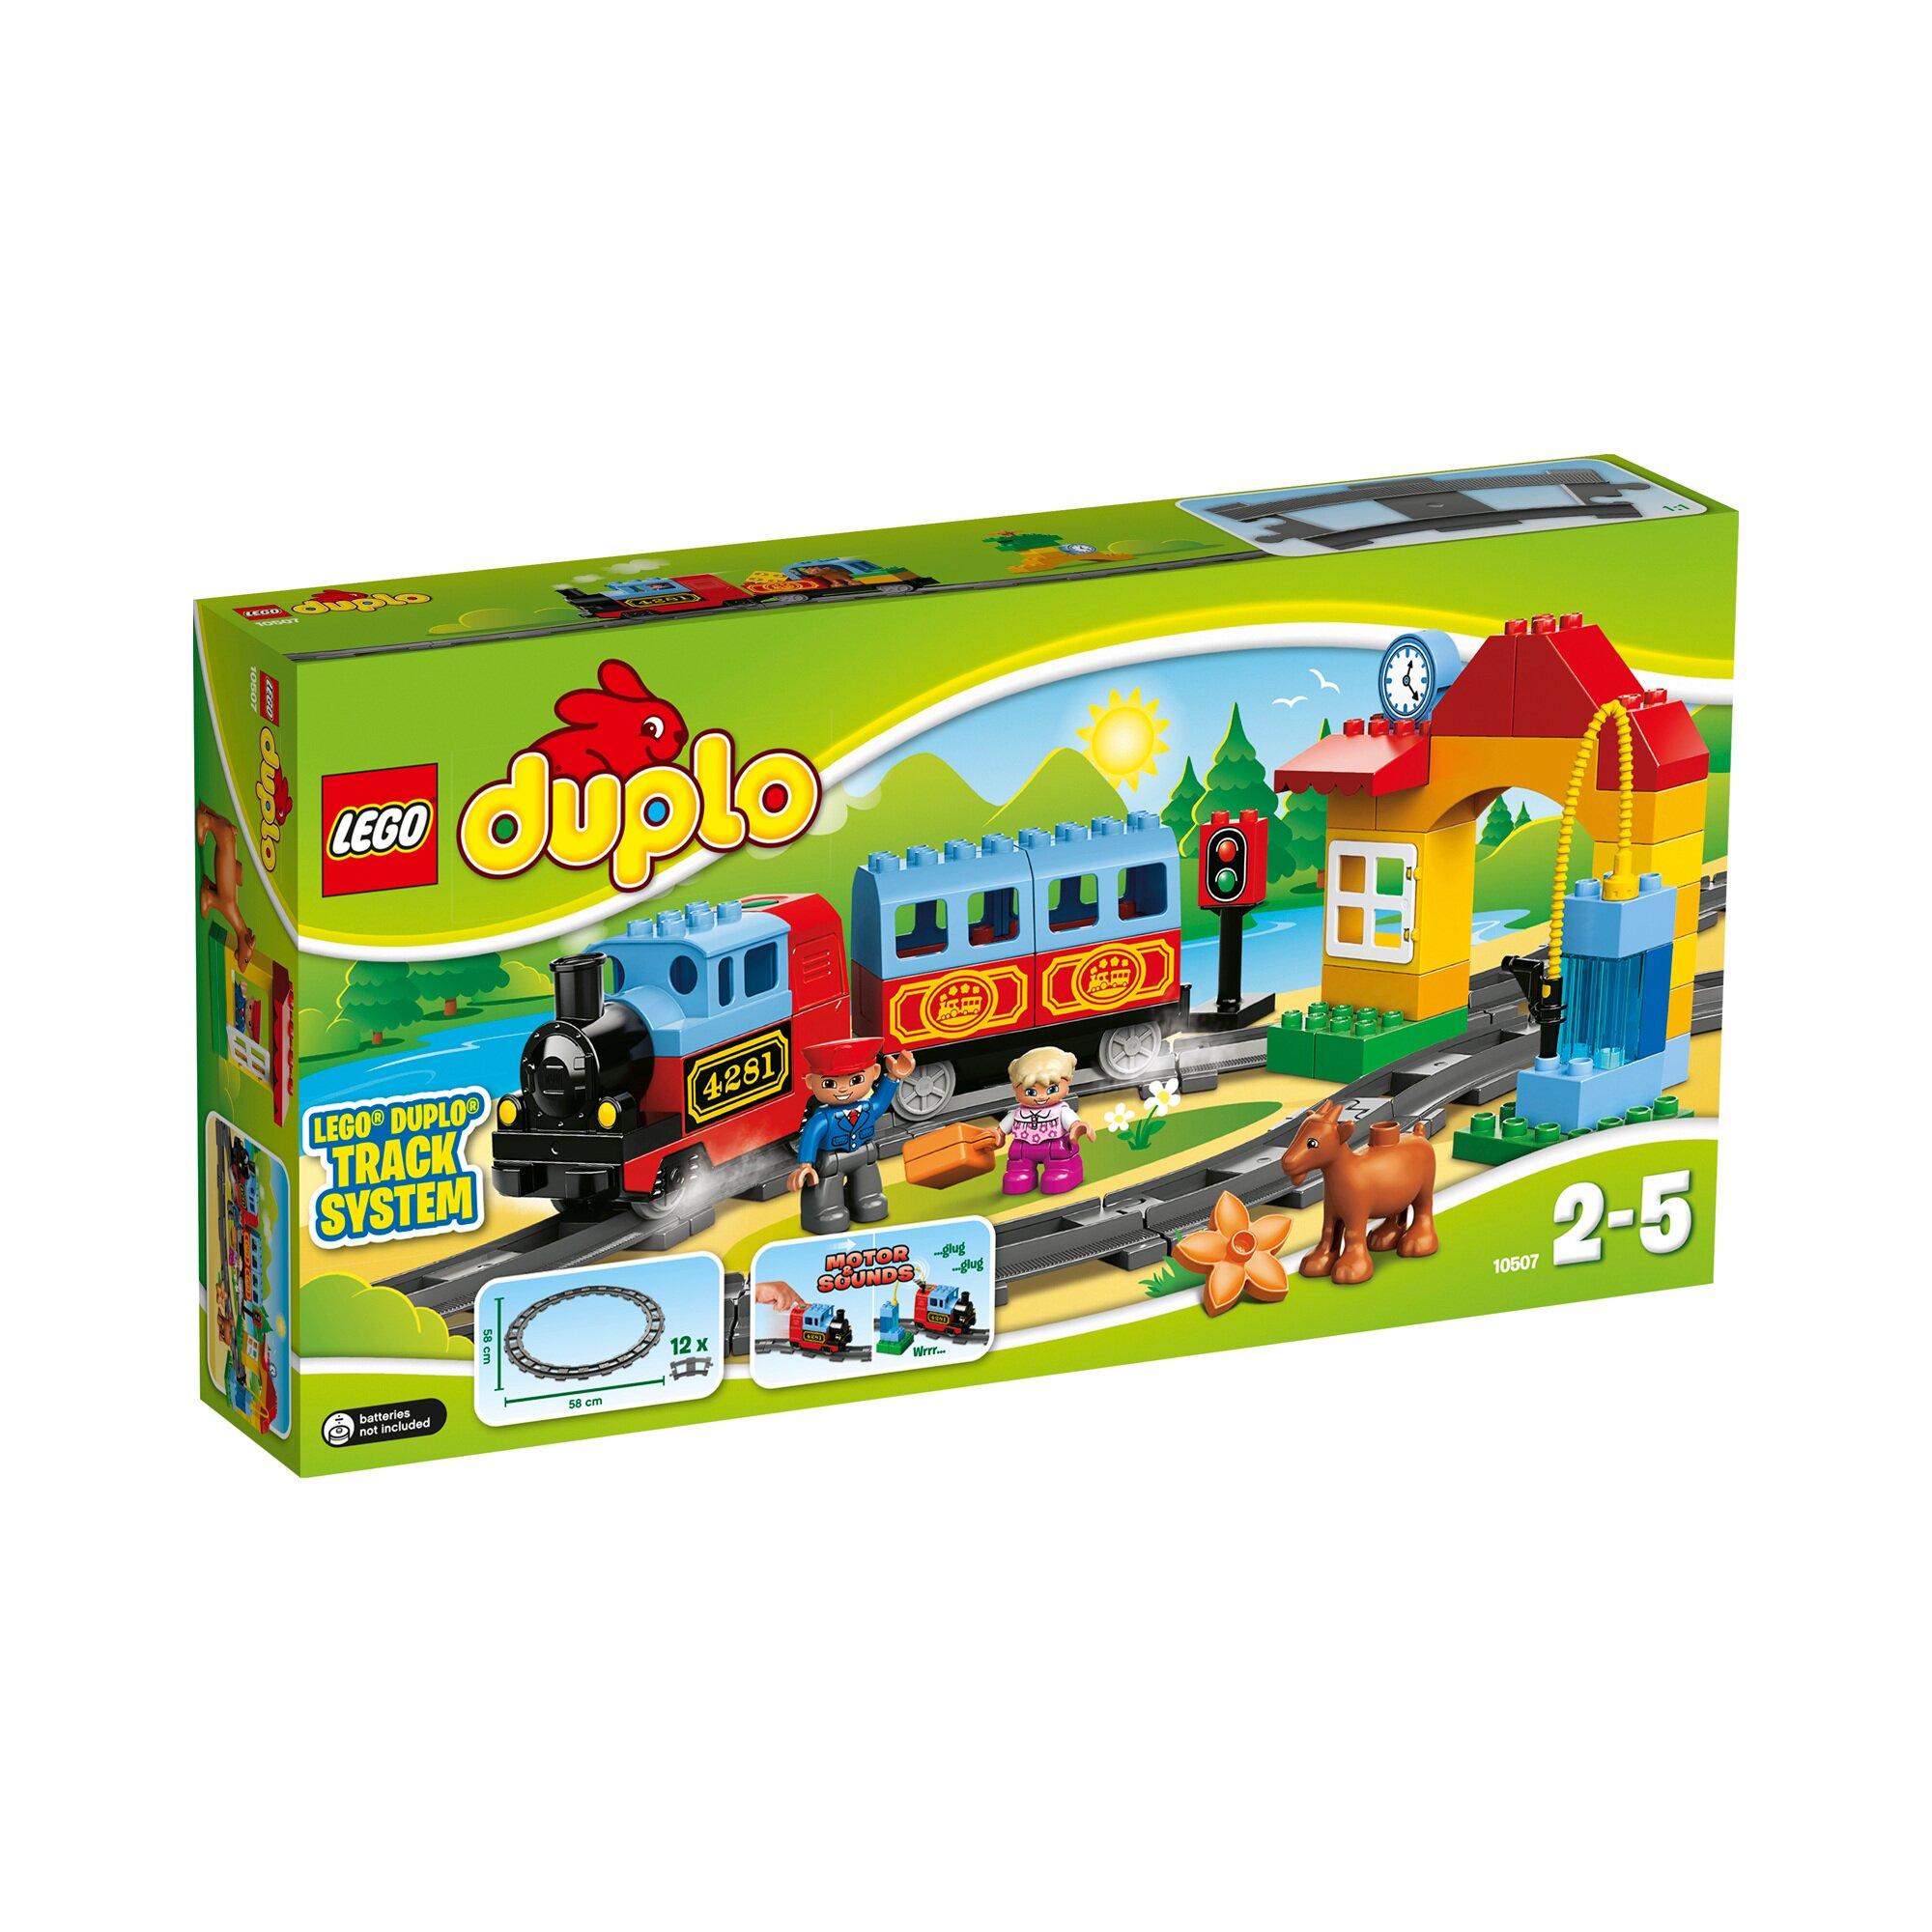 Lego Steine Bestellen : lego steine bestellen online kaufen ~ Buech-reservation.com Haus und Dekorationen